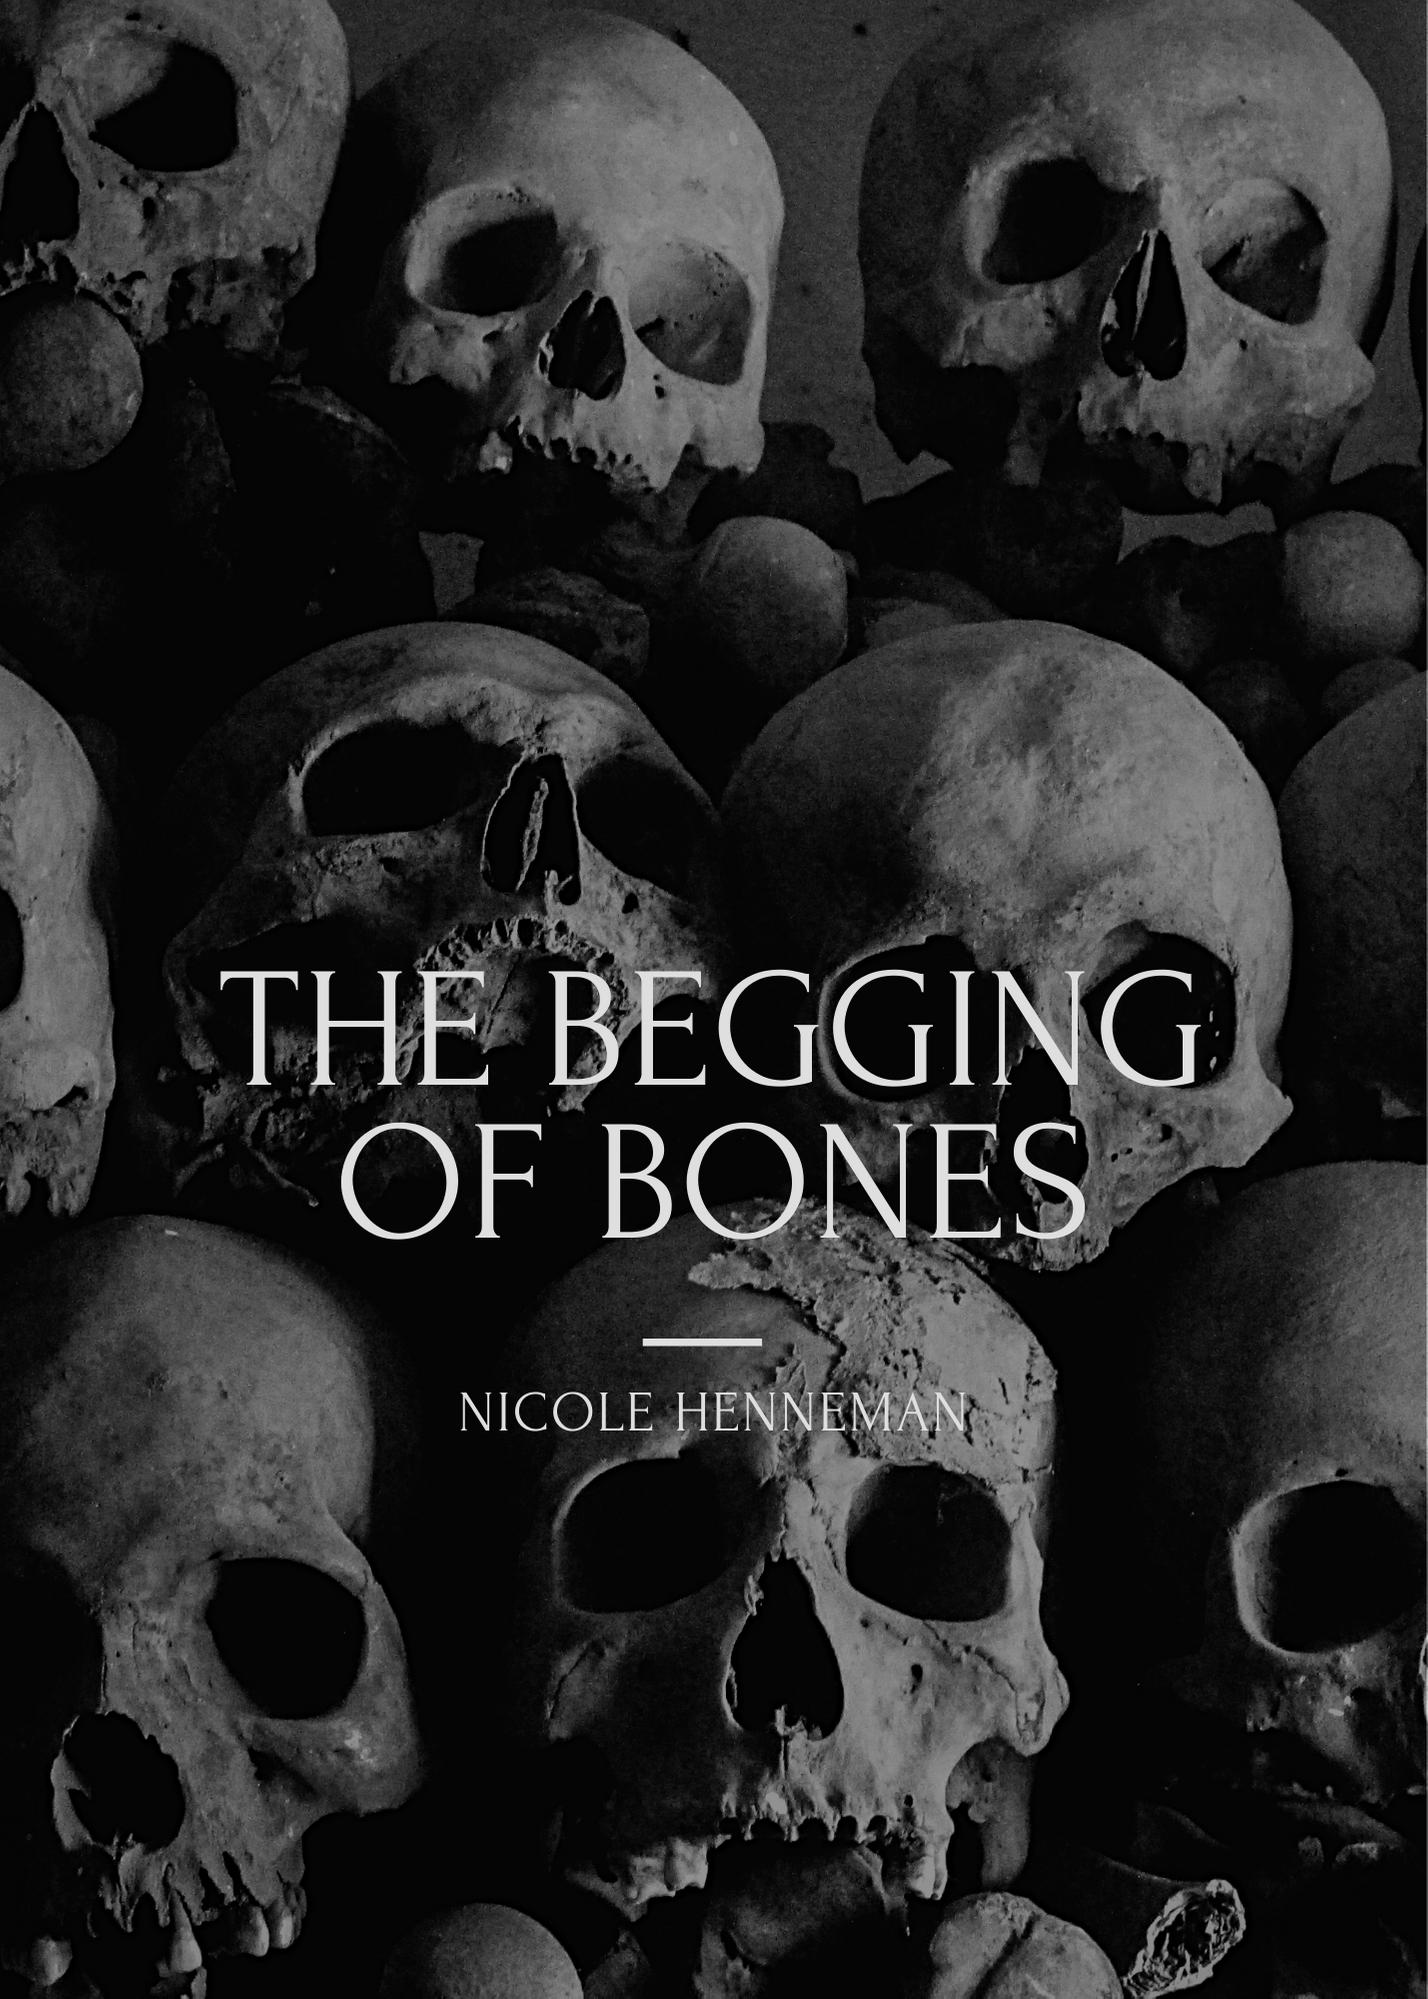 The Begging of Bones